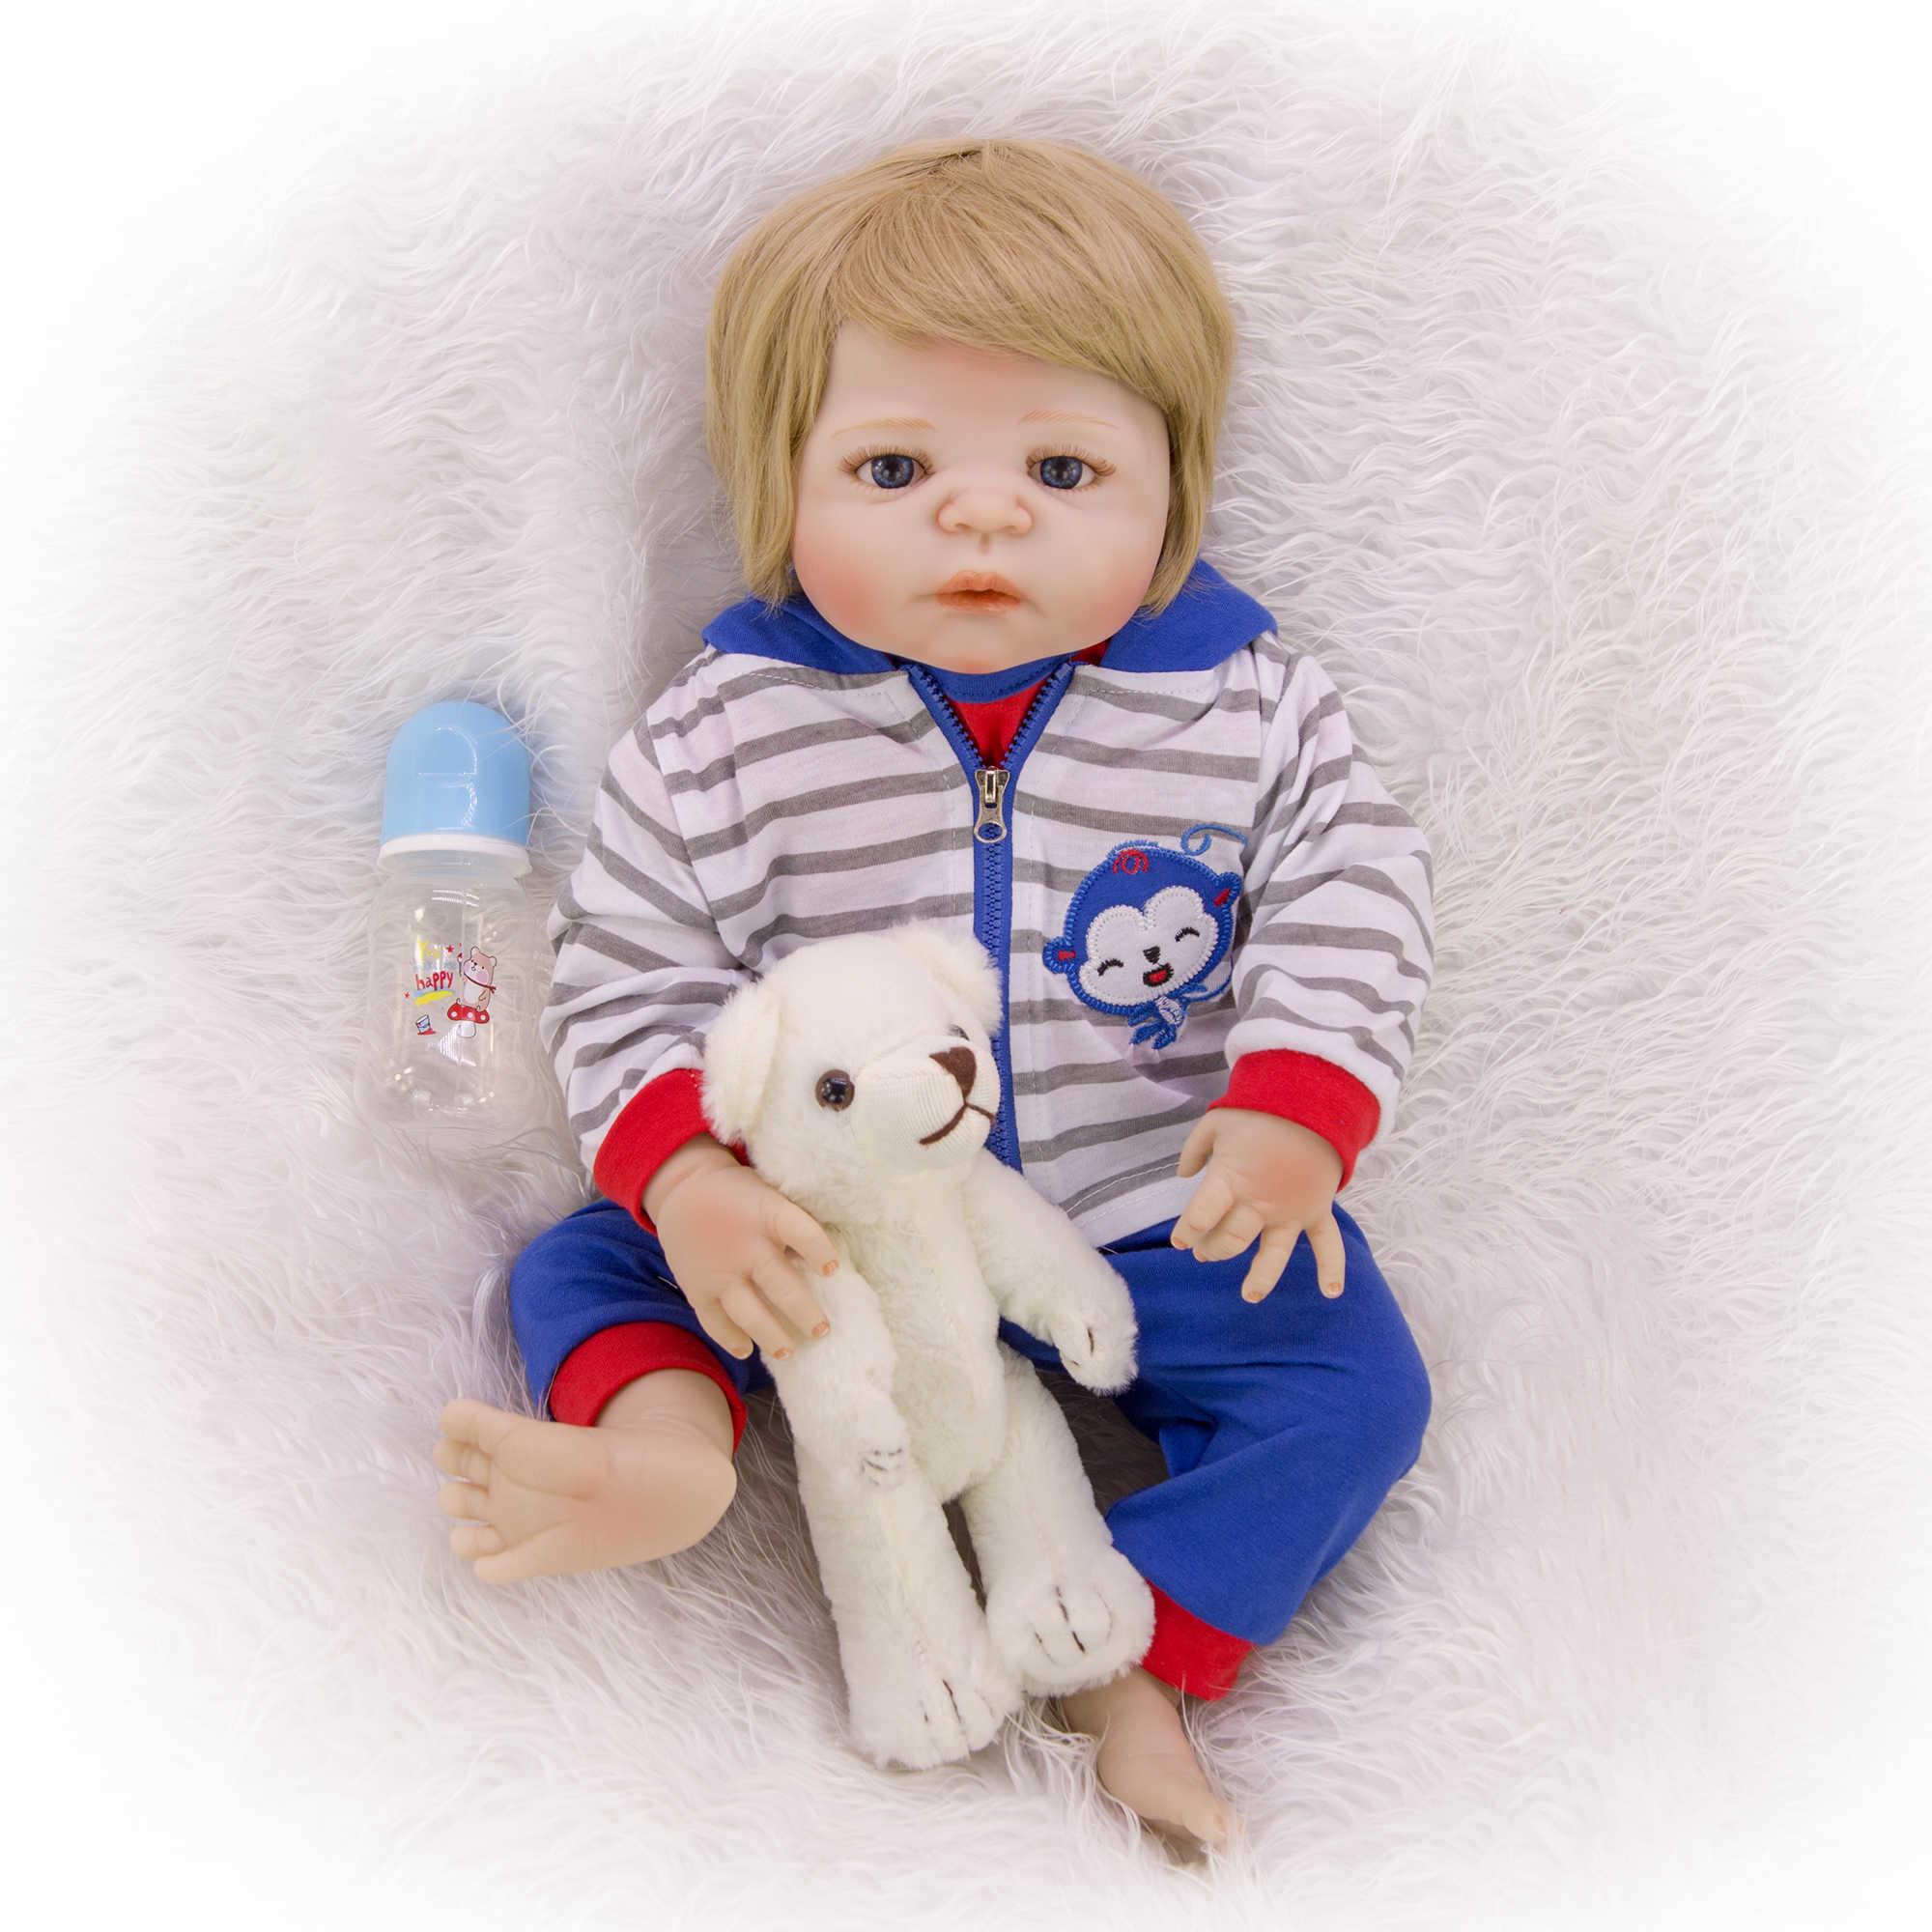 KEIUMI, хит продаж, 23 дюйма, мальчик, ребенок, Реборн, полностью силиконовая кукла, плеймат, Реборн, кукла для ребенка, 57 см, с обезьяной, на день рождения, сюрприз